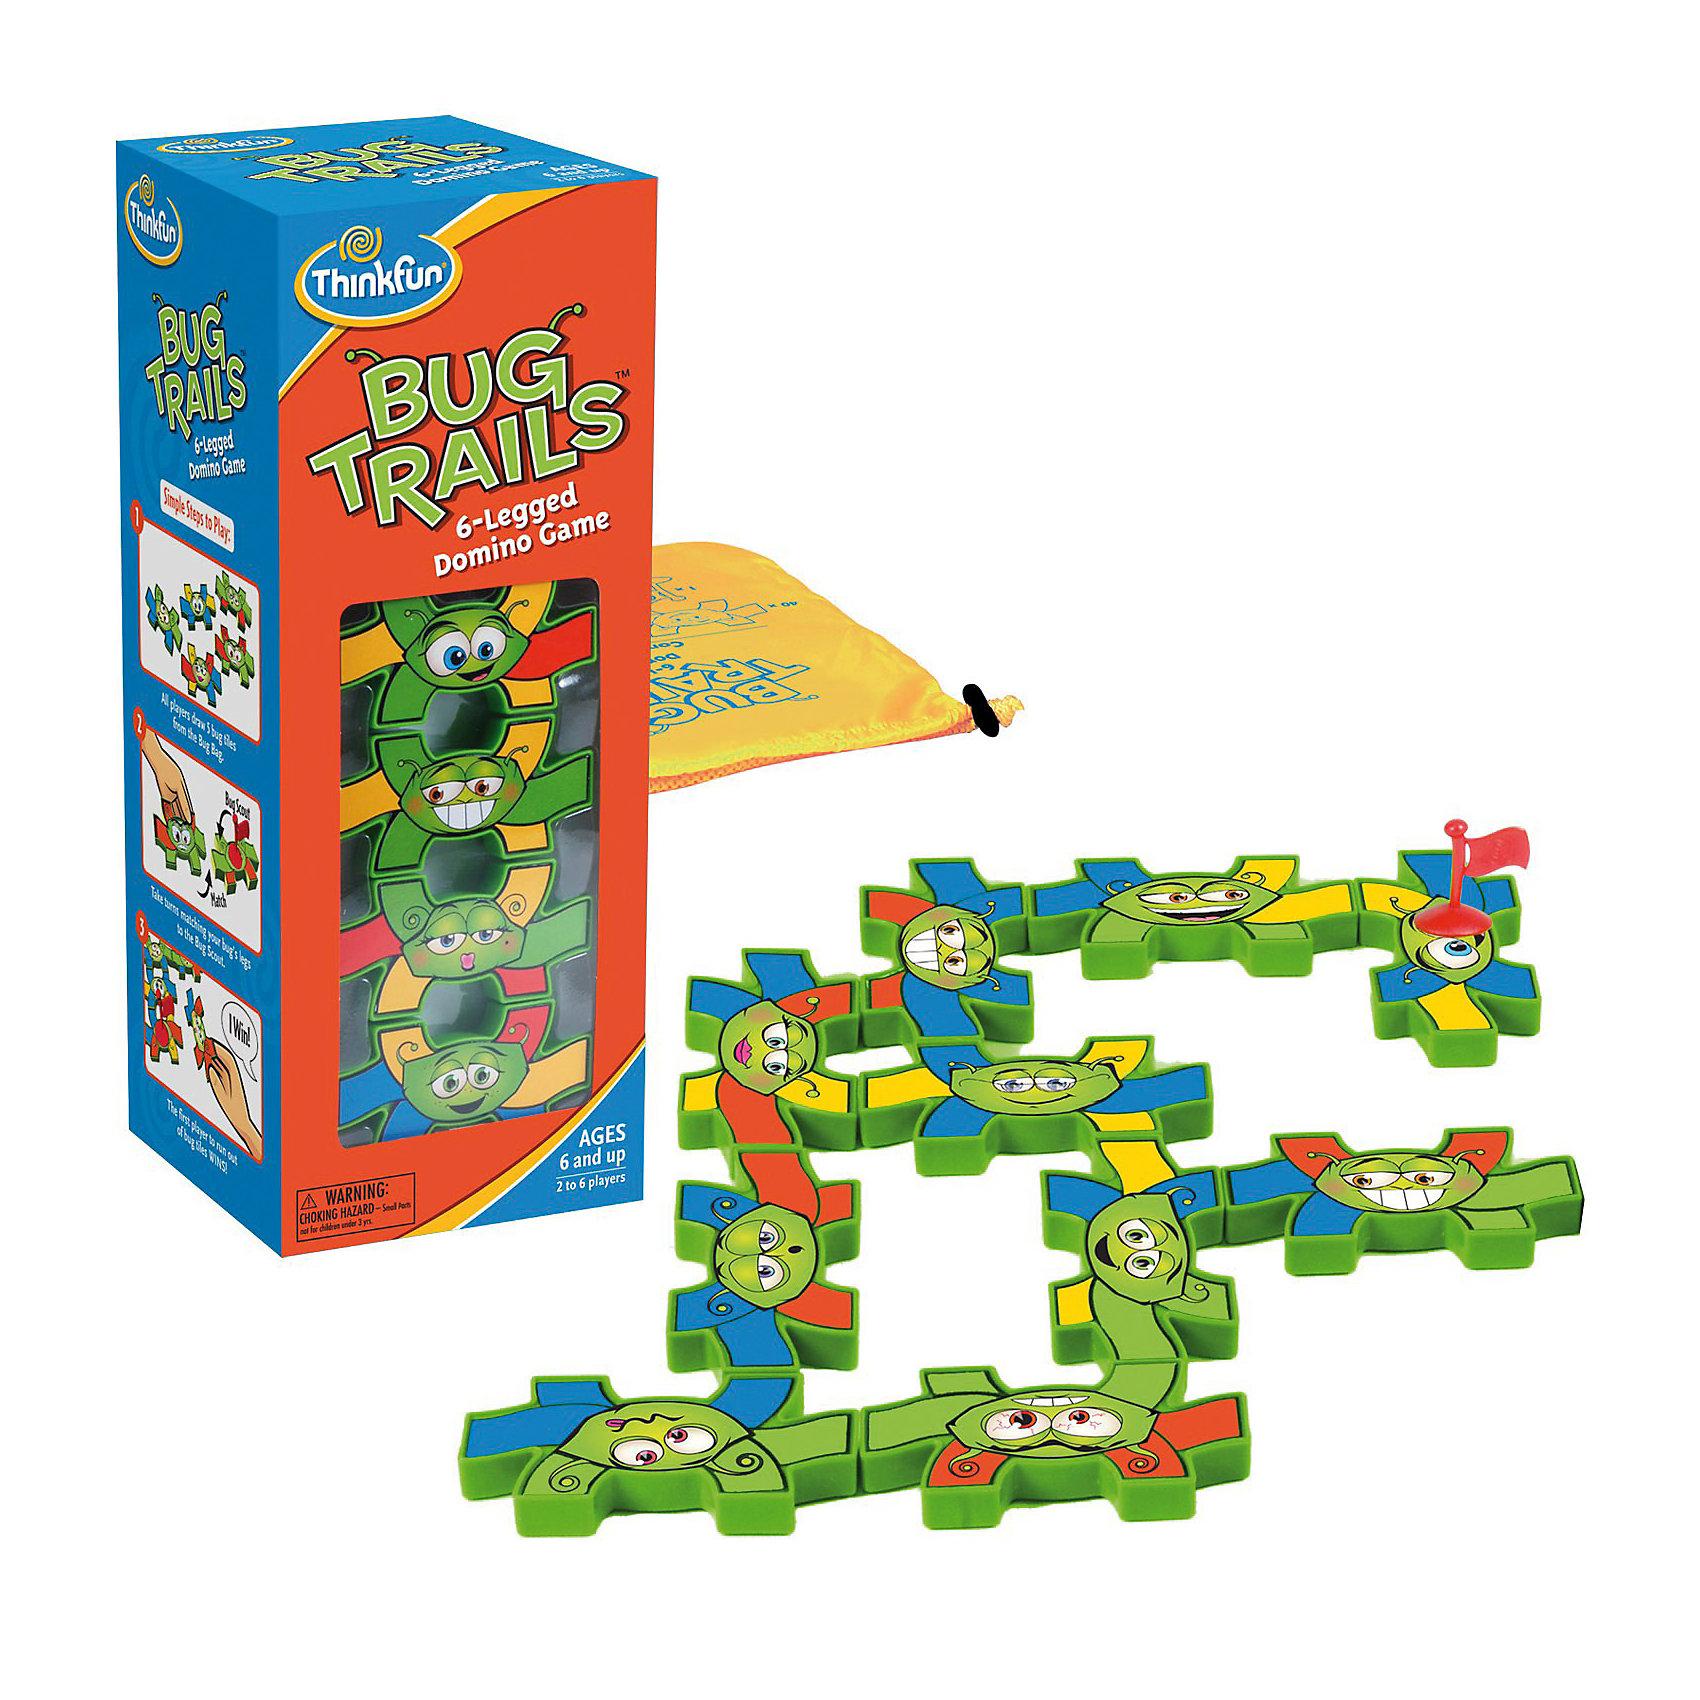 Игра Муравьиная тропинка, Thinkfun5980-RU Муравьиная Тропинка - Bug Trails<br>Красочное домино для детей с оригинальными правилами.<br> Цель игры: Первым избавиться от всех своих фишек.<br>Правила игры:<br> - Игроки набирают по 5 фишек из мешка с фишками.<br> - Первый игрок выкладывает любую из своих фишек, ставит на нее флаг Муравья-скаута<br> - По очереди каждый игрок старается выложить одну из своих фишек так, чтобы хотя бы одна из ножек совпала по цвету с ножкой Муравья-скаута;<br> - При совпадении одной ножки (или когда вообще нет возможности выложить фишку) игрок берет новую фишку из мешка.<br> - При совпадении двух ножек игрок НЕ берет новую фишку из мешка.<br> - При совпадении трех или более ножек игрок может скинуть любую из своих фишек обратно в мешок.<br> - Флаг муравья-скаута перемещается на последнюю выложенную фишку. Ход переходит к следующему игроку.<br>* коробка полностью переведена на русский<br><br>Ширина мм: 300<br>Глубина мм: 260<br>Высота мм: 60<br>Вес г: 390<br>Возраст от месяцев: 36<br>Возраст до месяцев: 144<br>Пол: Унисекс<br>Возраст: Детский<br>SKU: 2604189